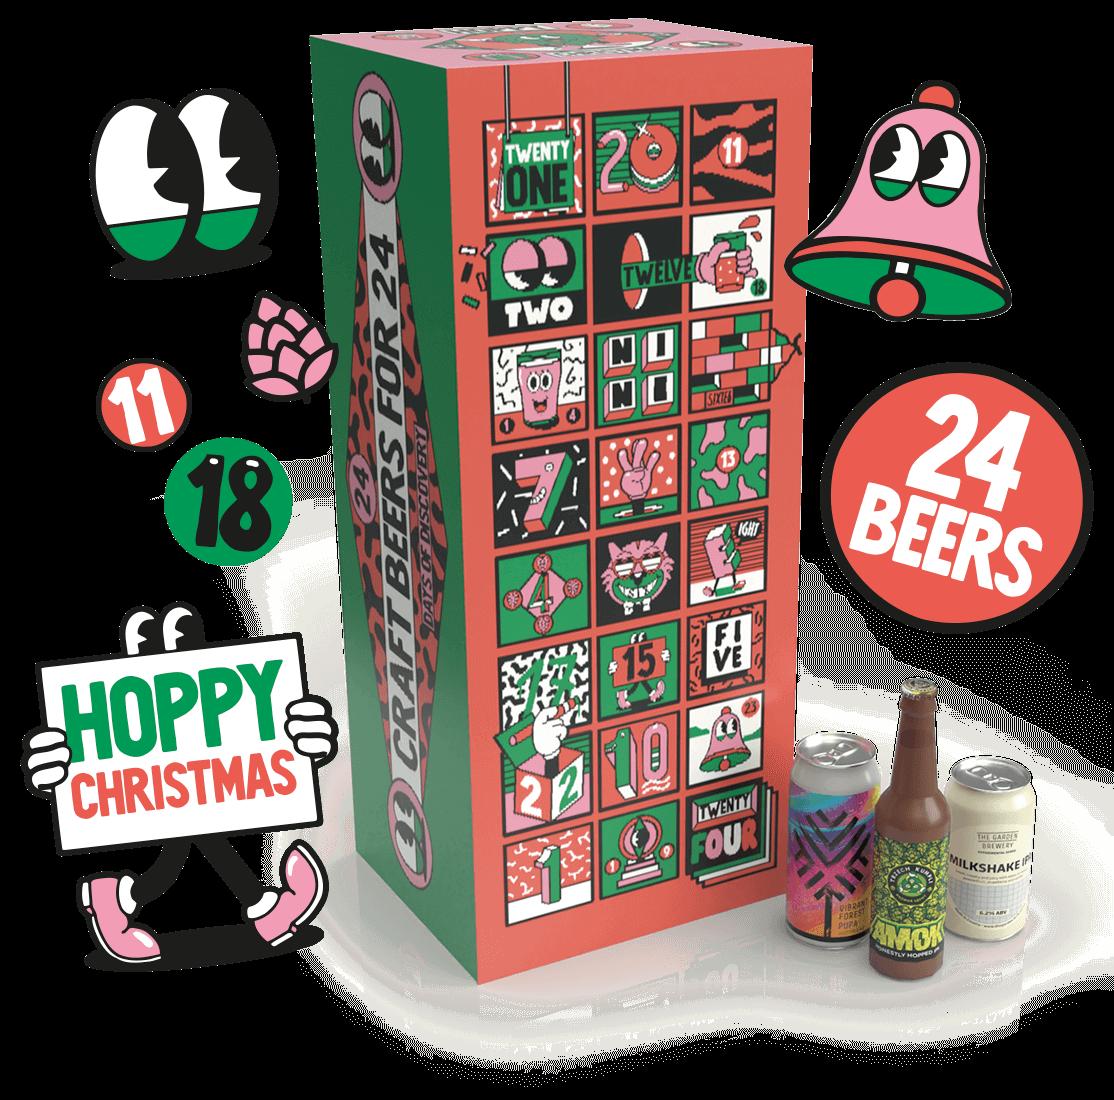 Beer52 craft beer advent calendar 2019